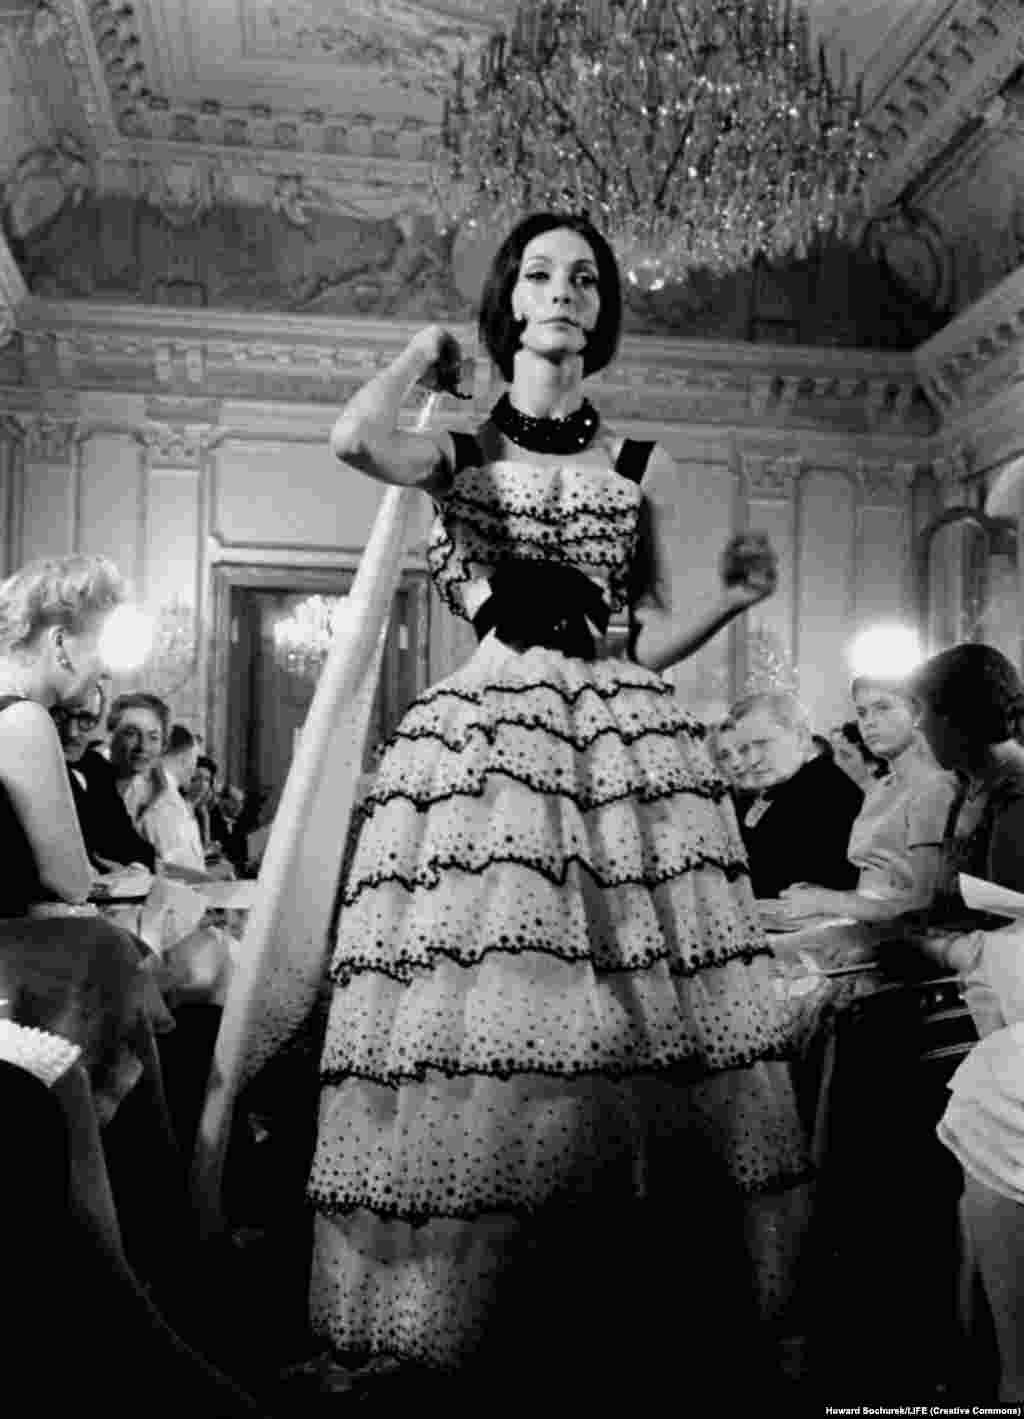 Кука Деніс у вечірній сукні від Діора. Будинок моди Діора в той час очолював 23-річний Ів Сен-Лоран